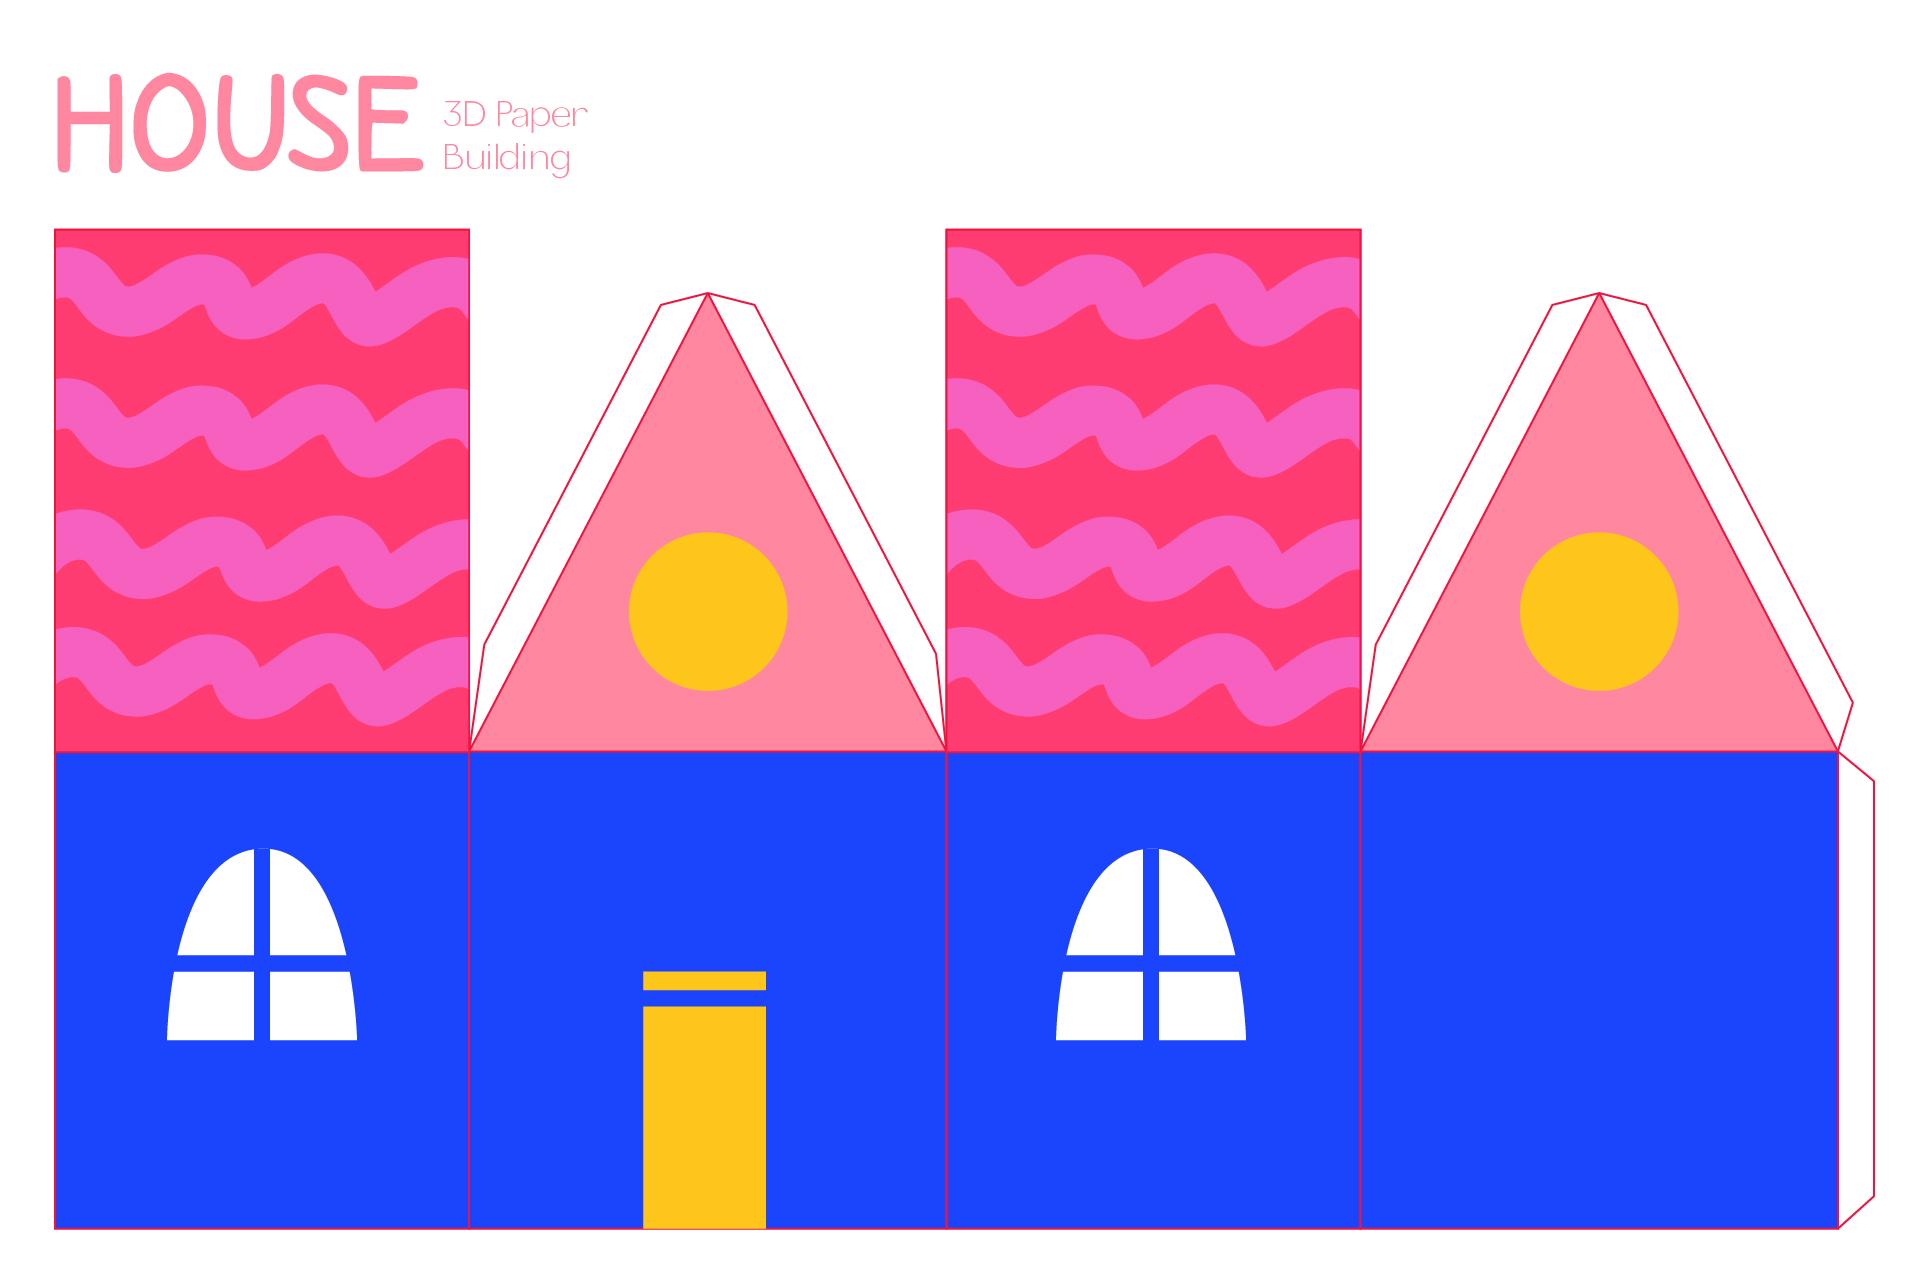 Видео как сделать макет дома из бумаги своими руками схемы